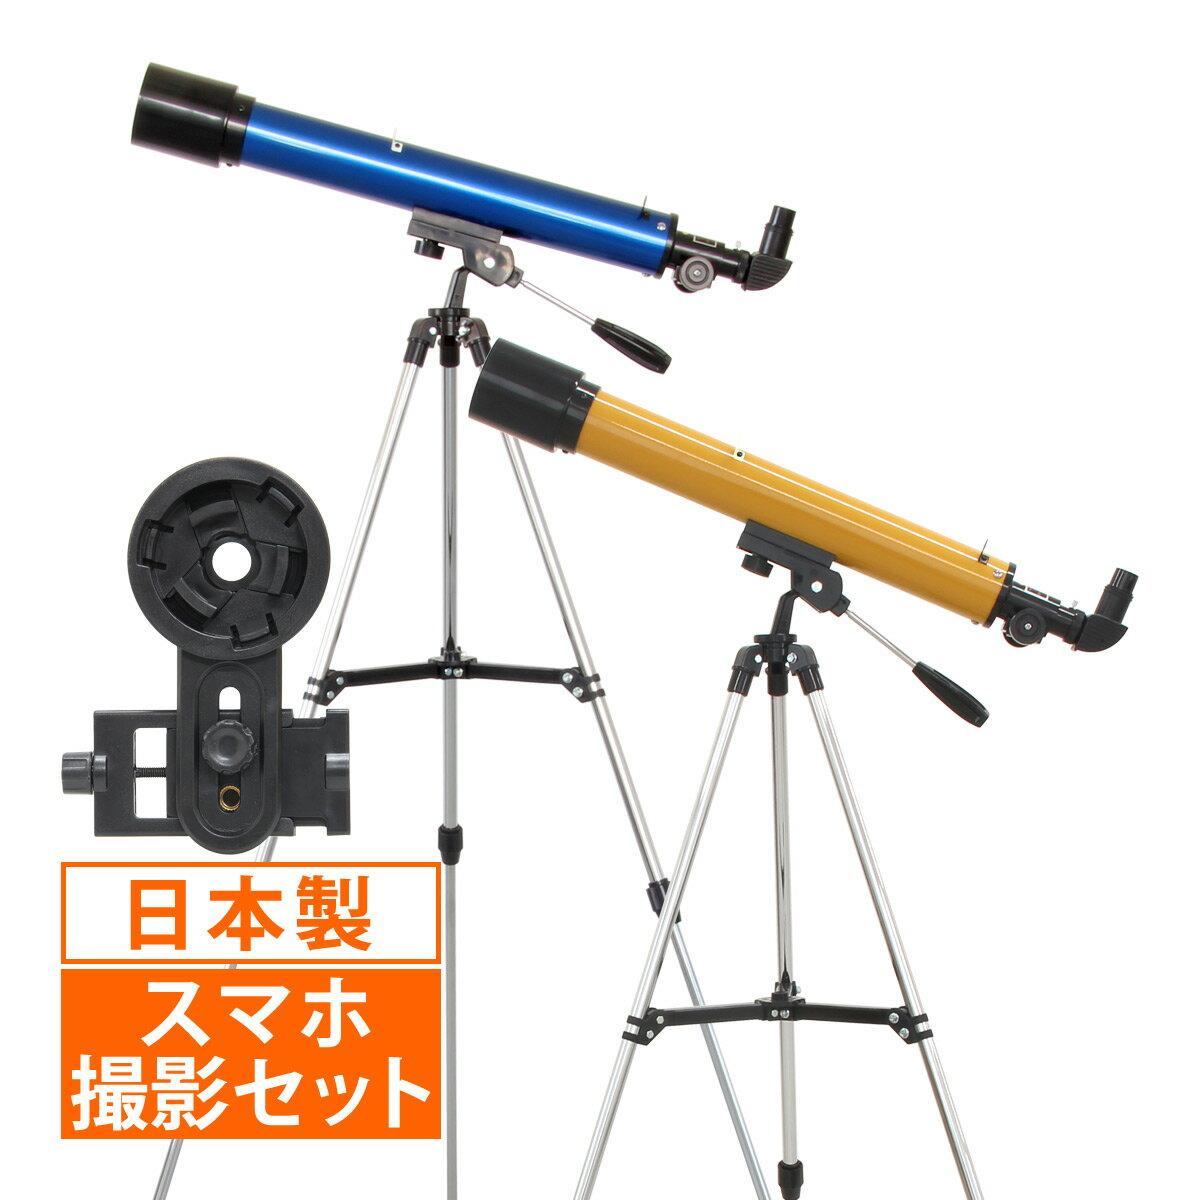 【楽天市場】天体望遠鏡 スマホ 初心者 望遠鏡 天体 子供用 小学生 レグルス60 日本製 口径60mm カメラアダプター 屈折式 おすすめ 入門 入学祝い:ルーペスタジオ